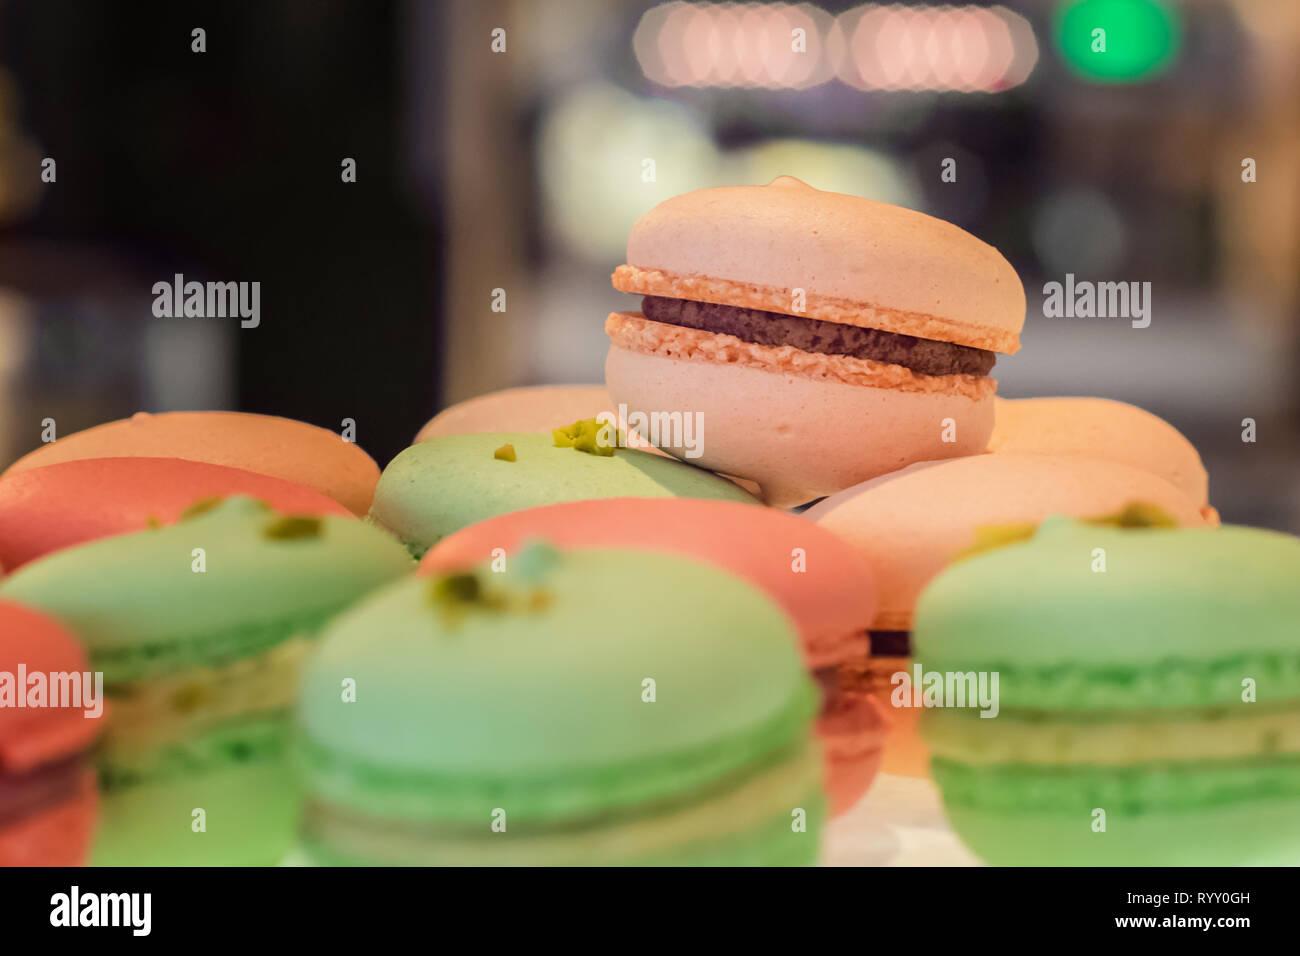 Süße Macarons als Nachspeise - Süßspeise - Stock Image